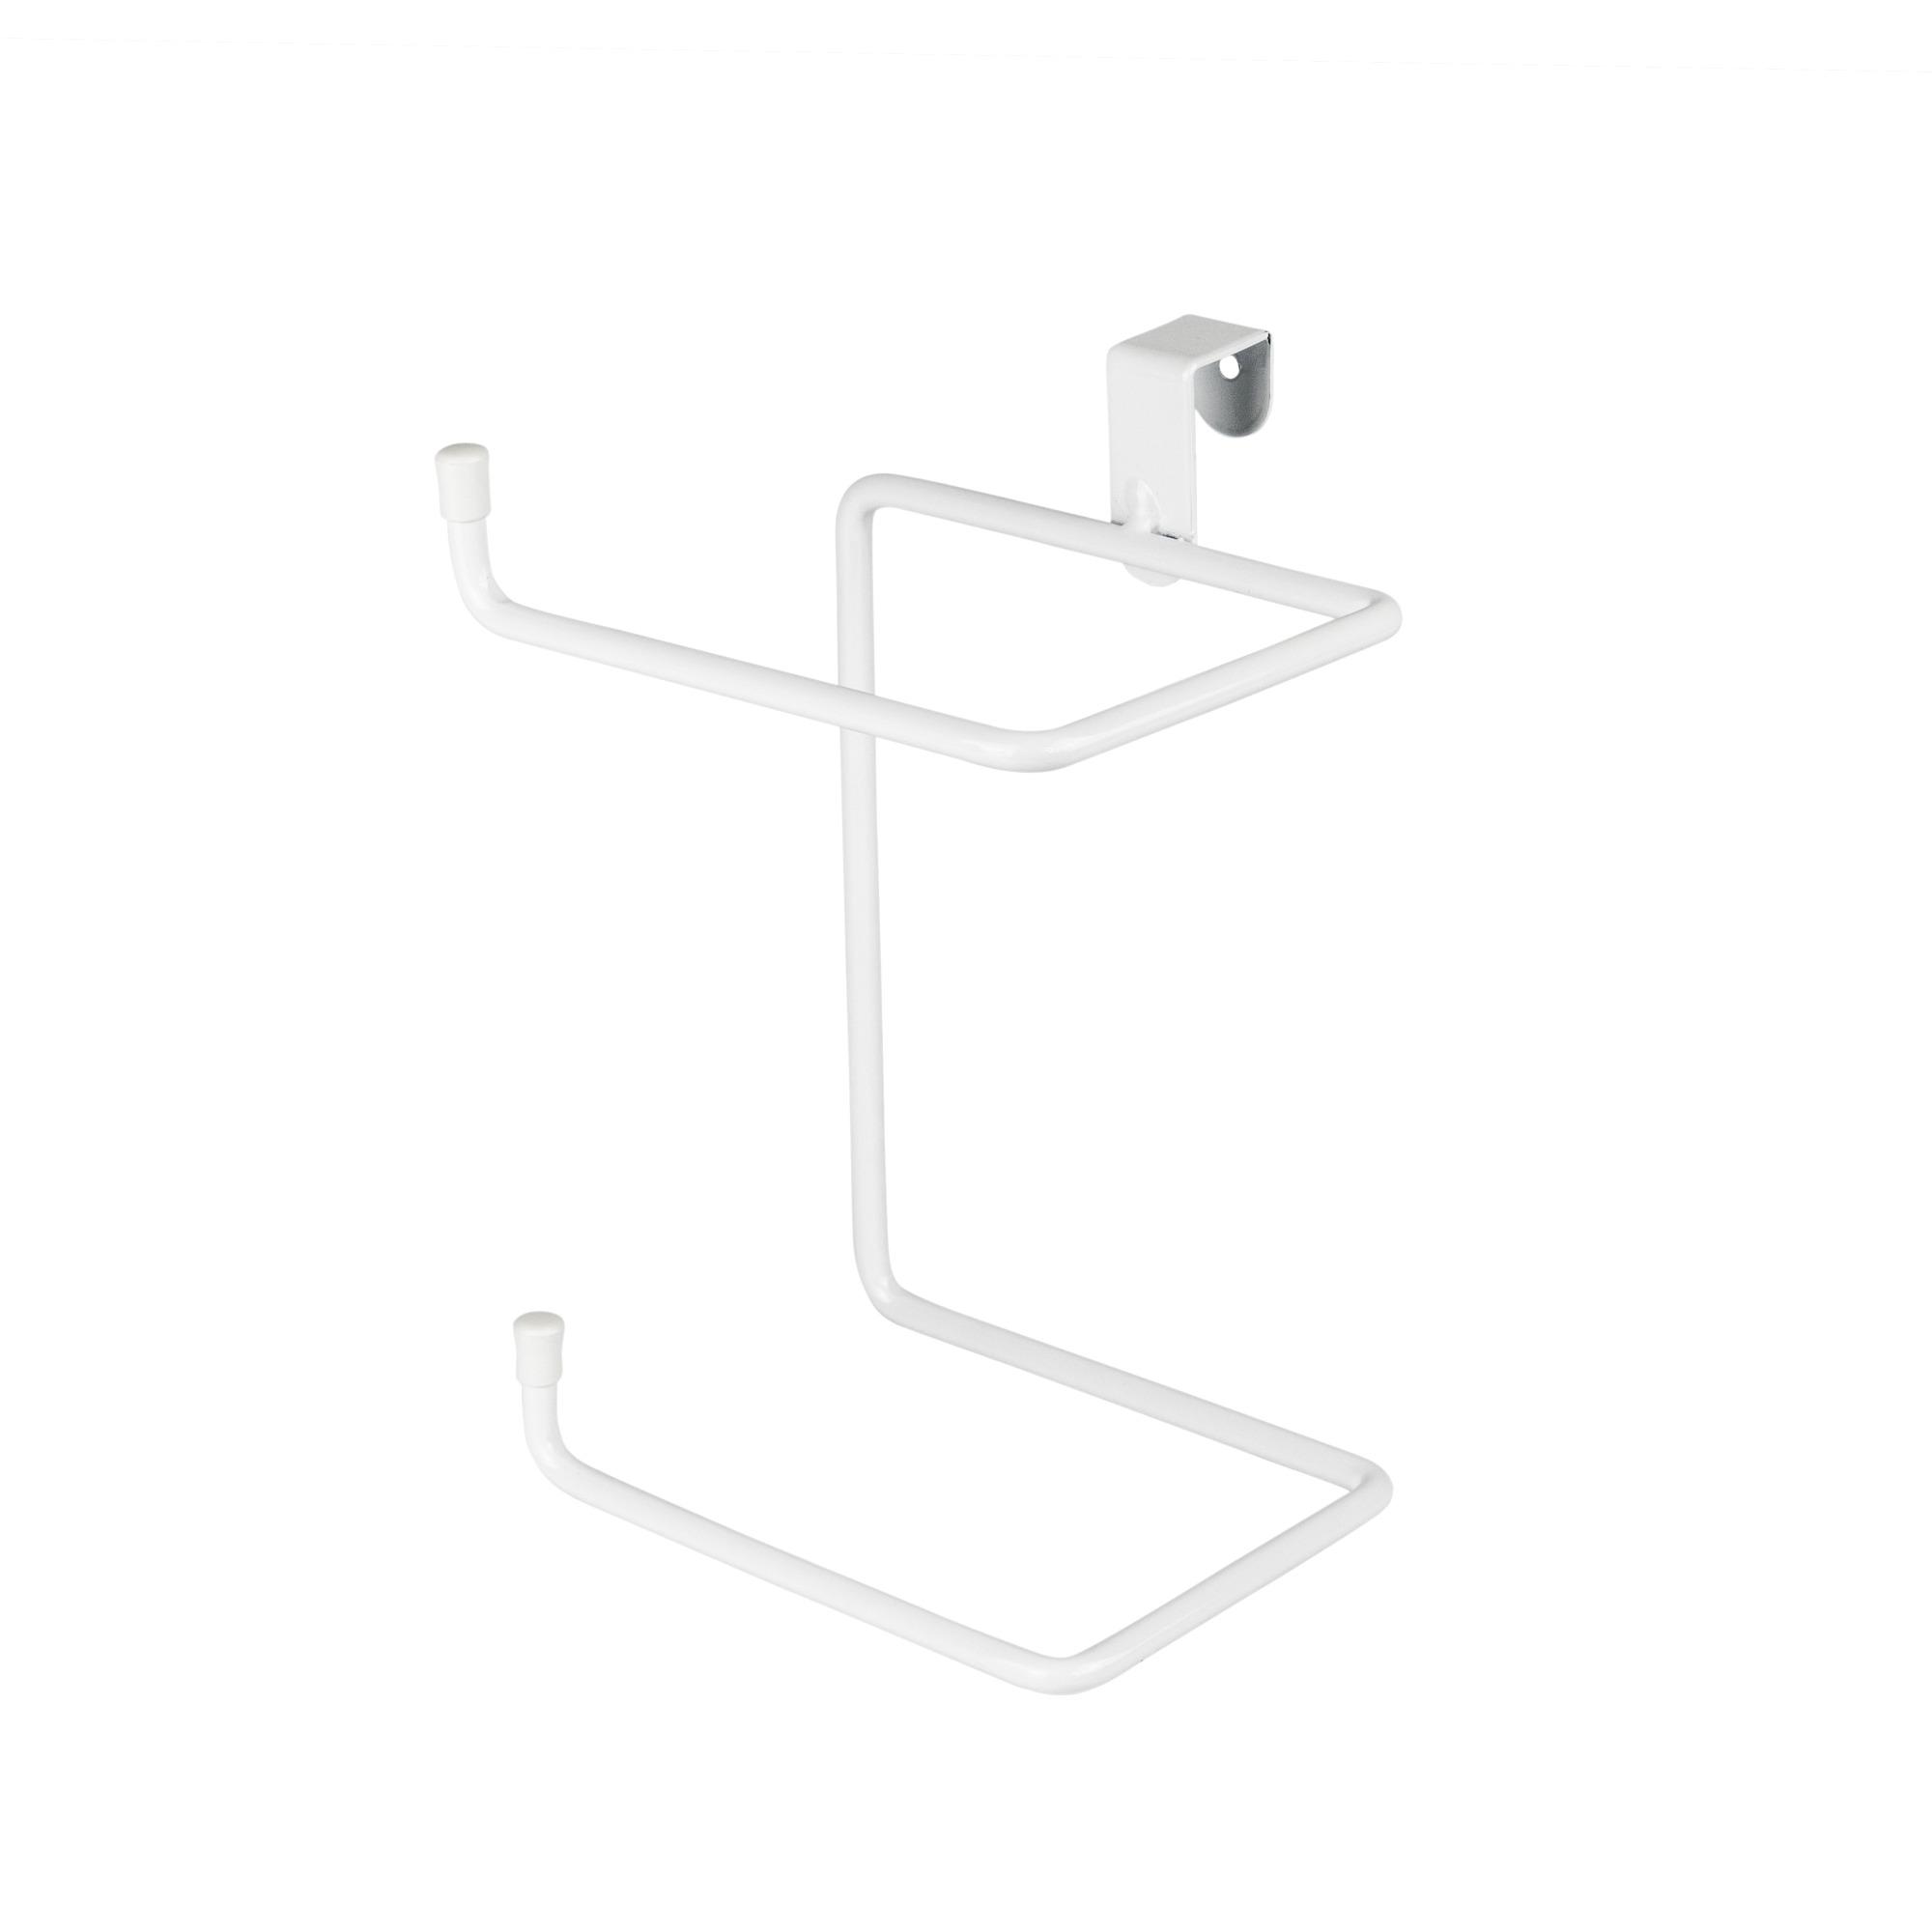 Porta Papel Higienico Branco Caixa Acoplada Duplo Aco - Dicarlo